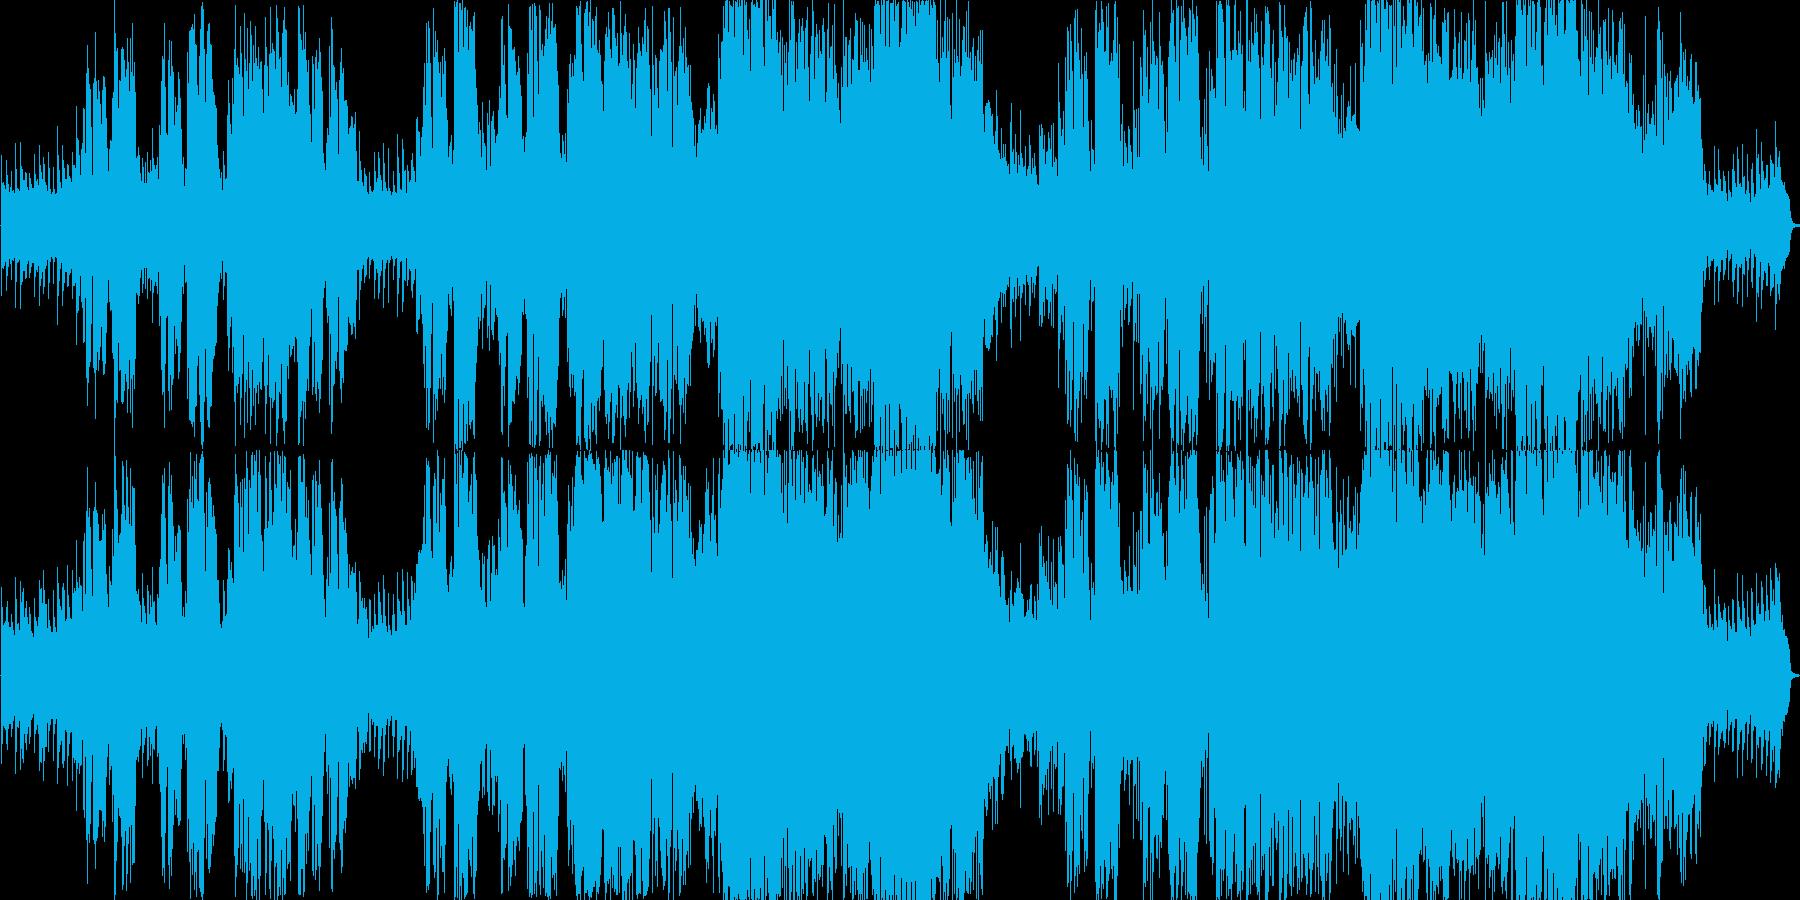 ビートルズ風英語の不変のメッセージの再生済みの波形